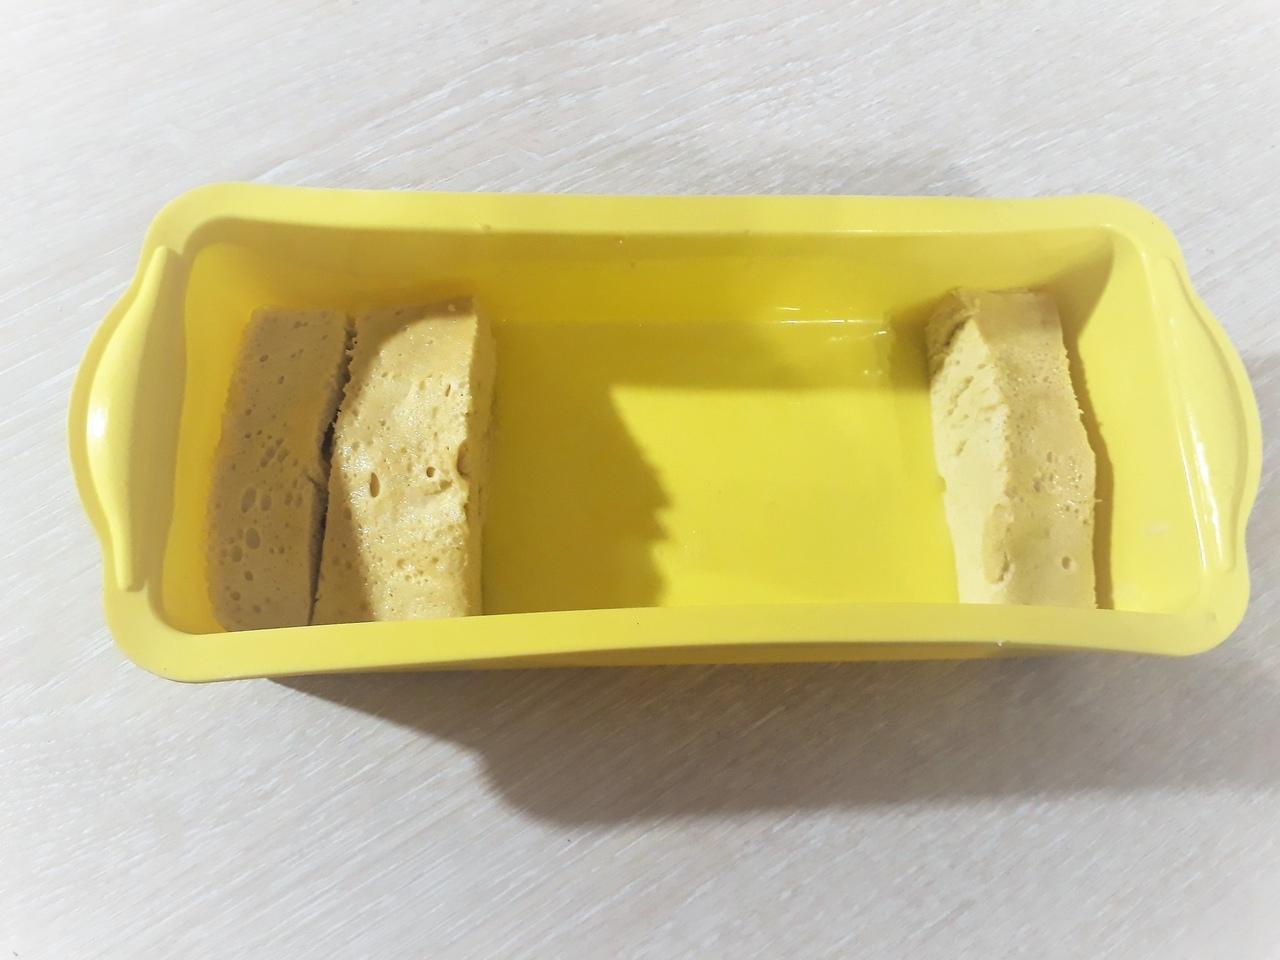 аталия пономарева новодвинск  p_i_r_a_n_y_a Гнездо - Яичный кекс в микроволновке за 6 минут